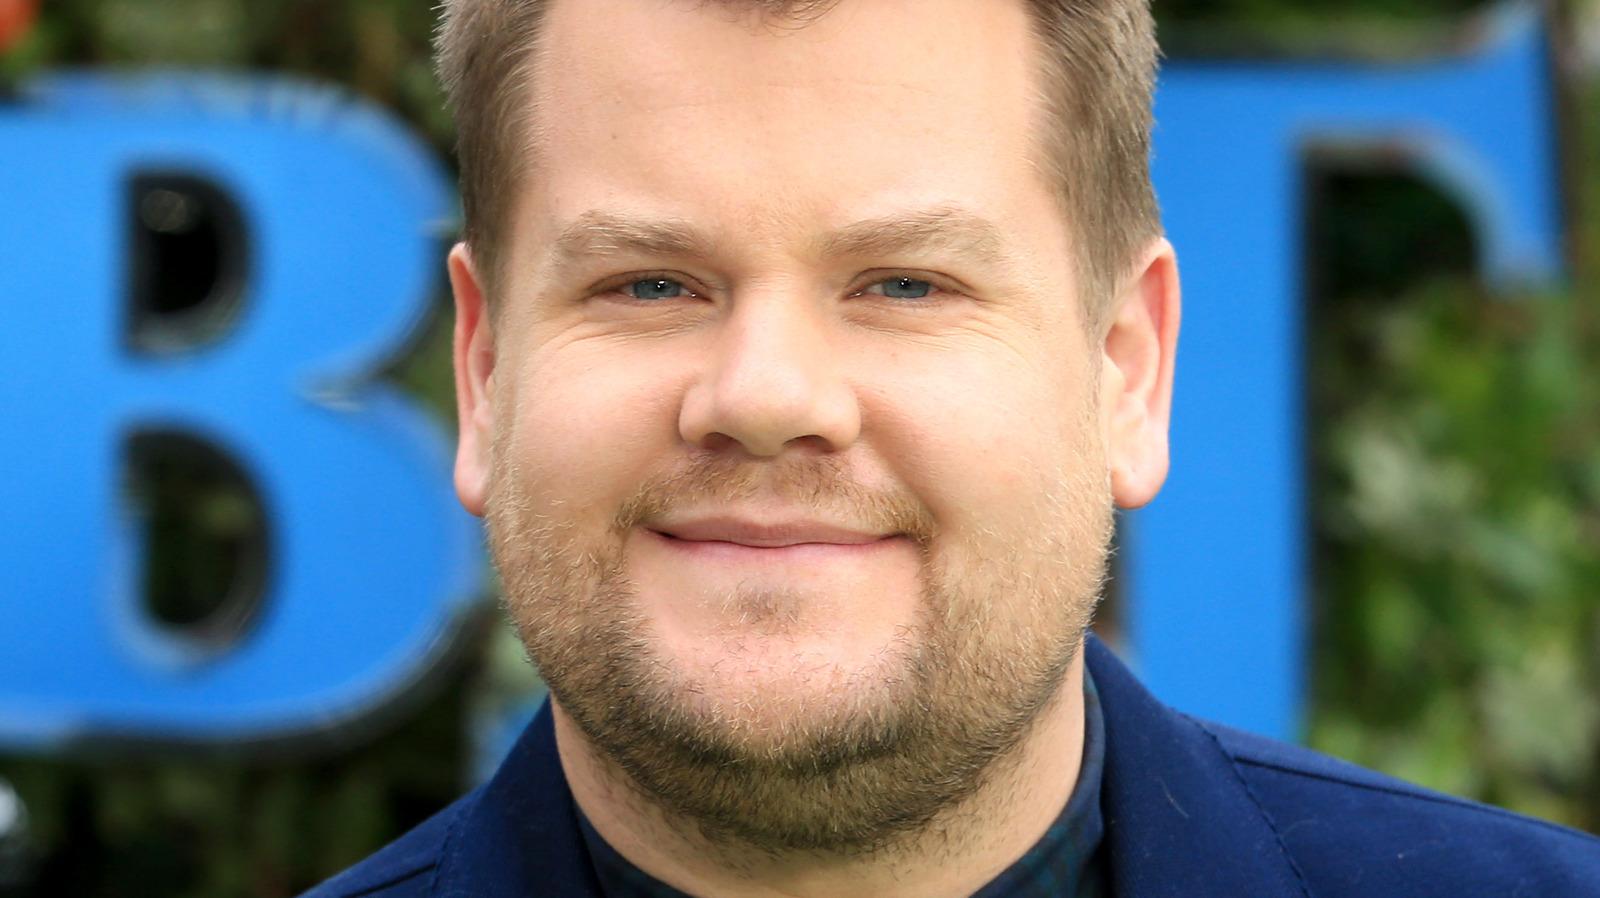 James Corden's ideal guest for Carpool Karaoke is...